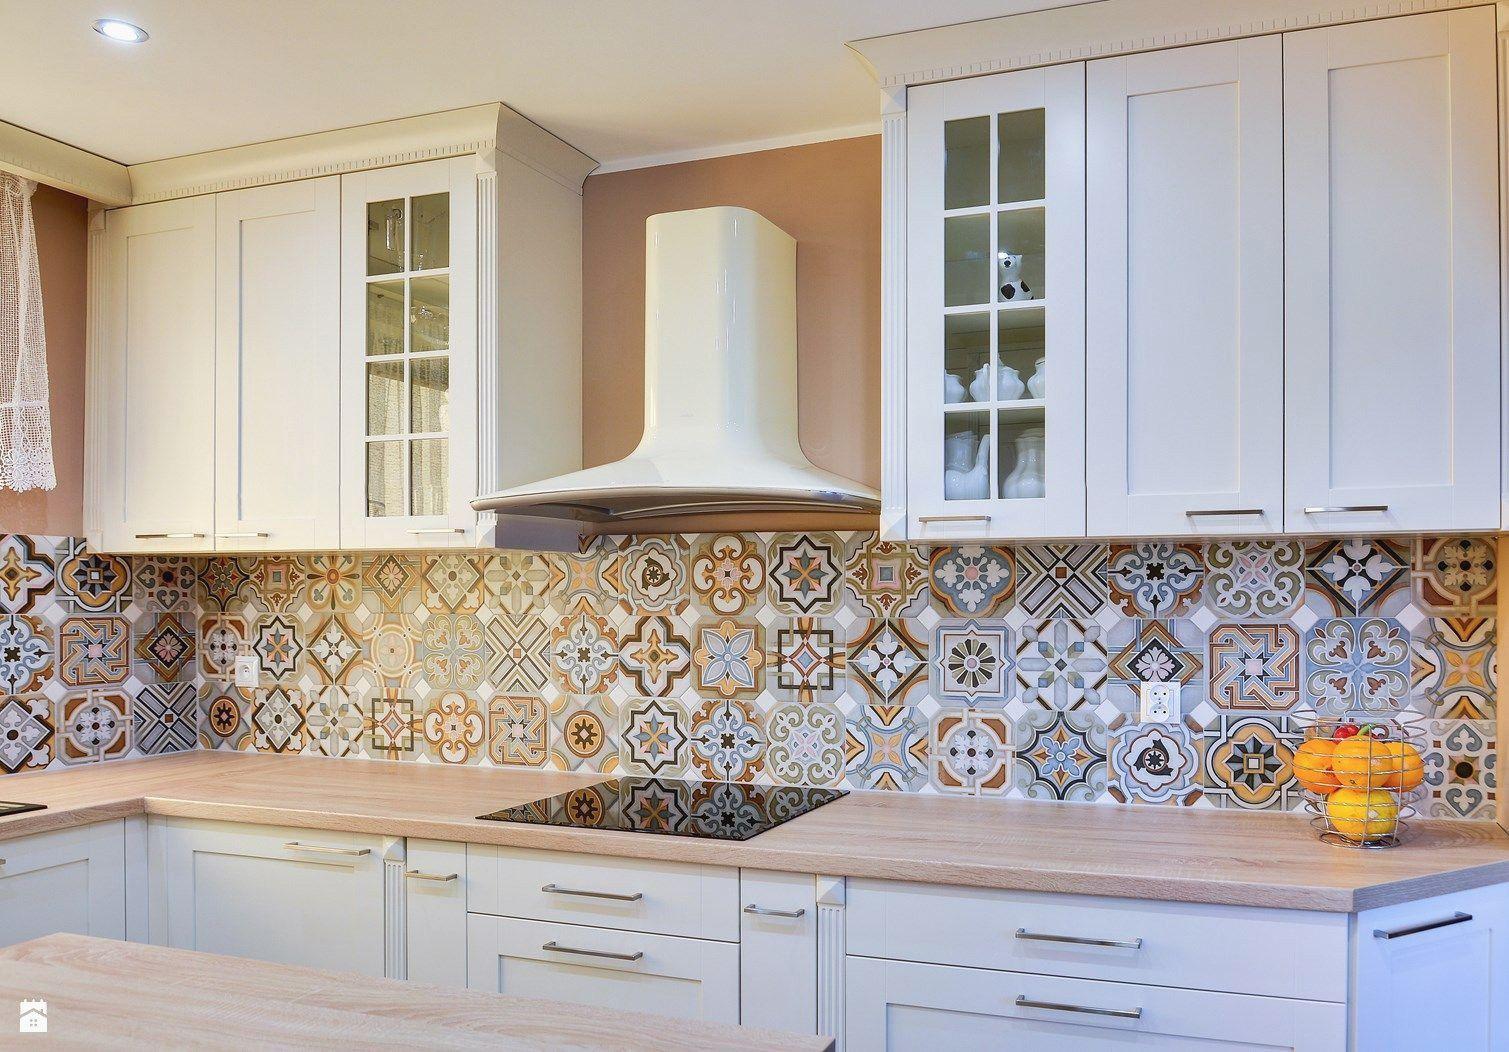 Rendering Image Kitchenbacksplash Installing Kitchen Backsplash